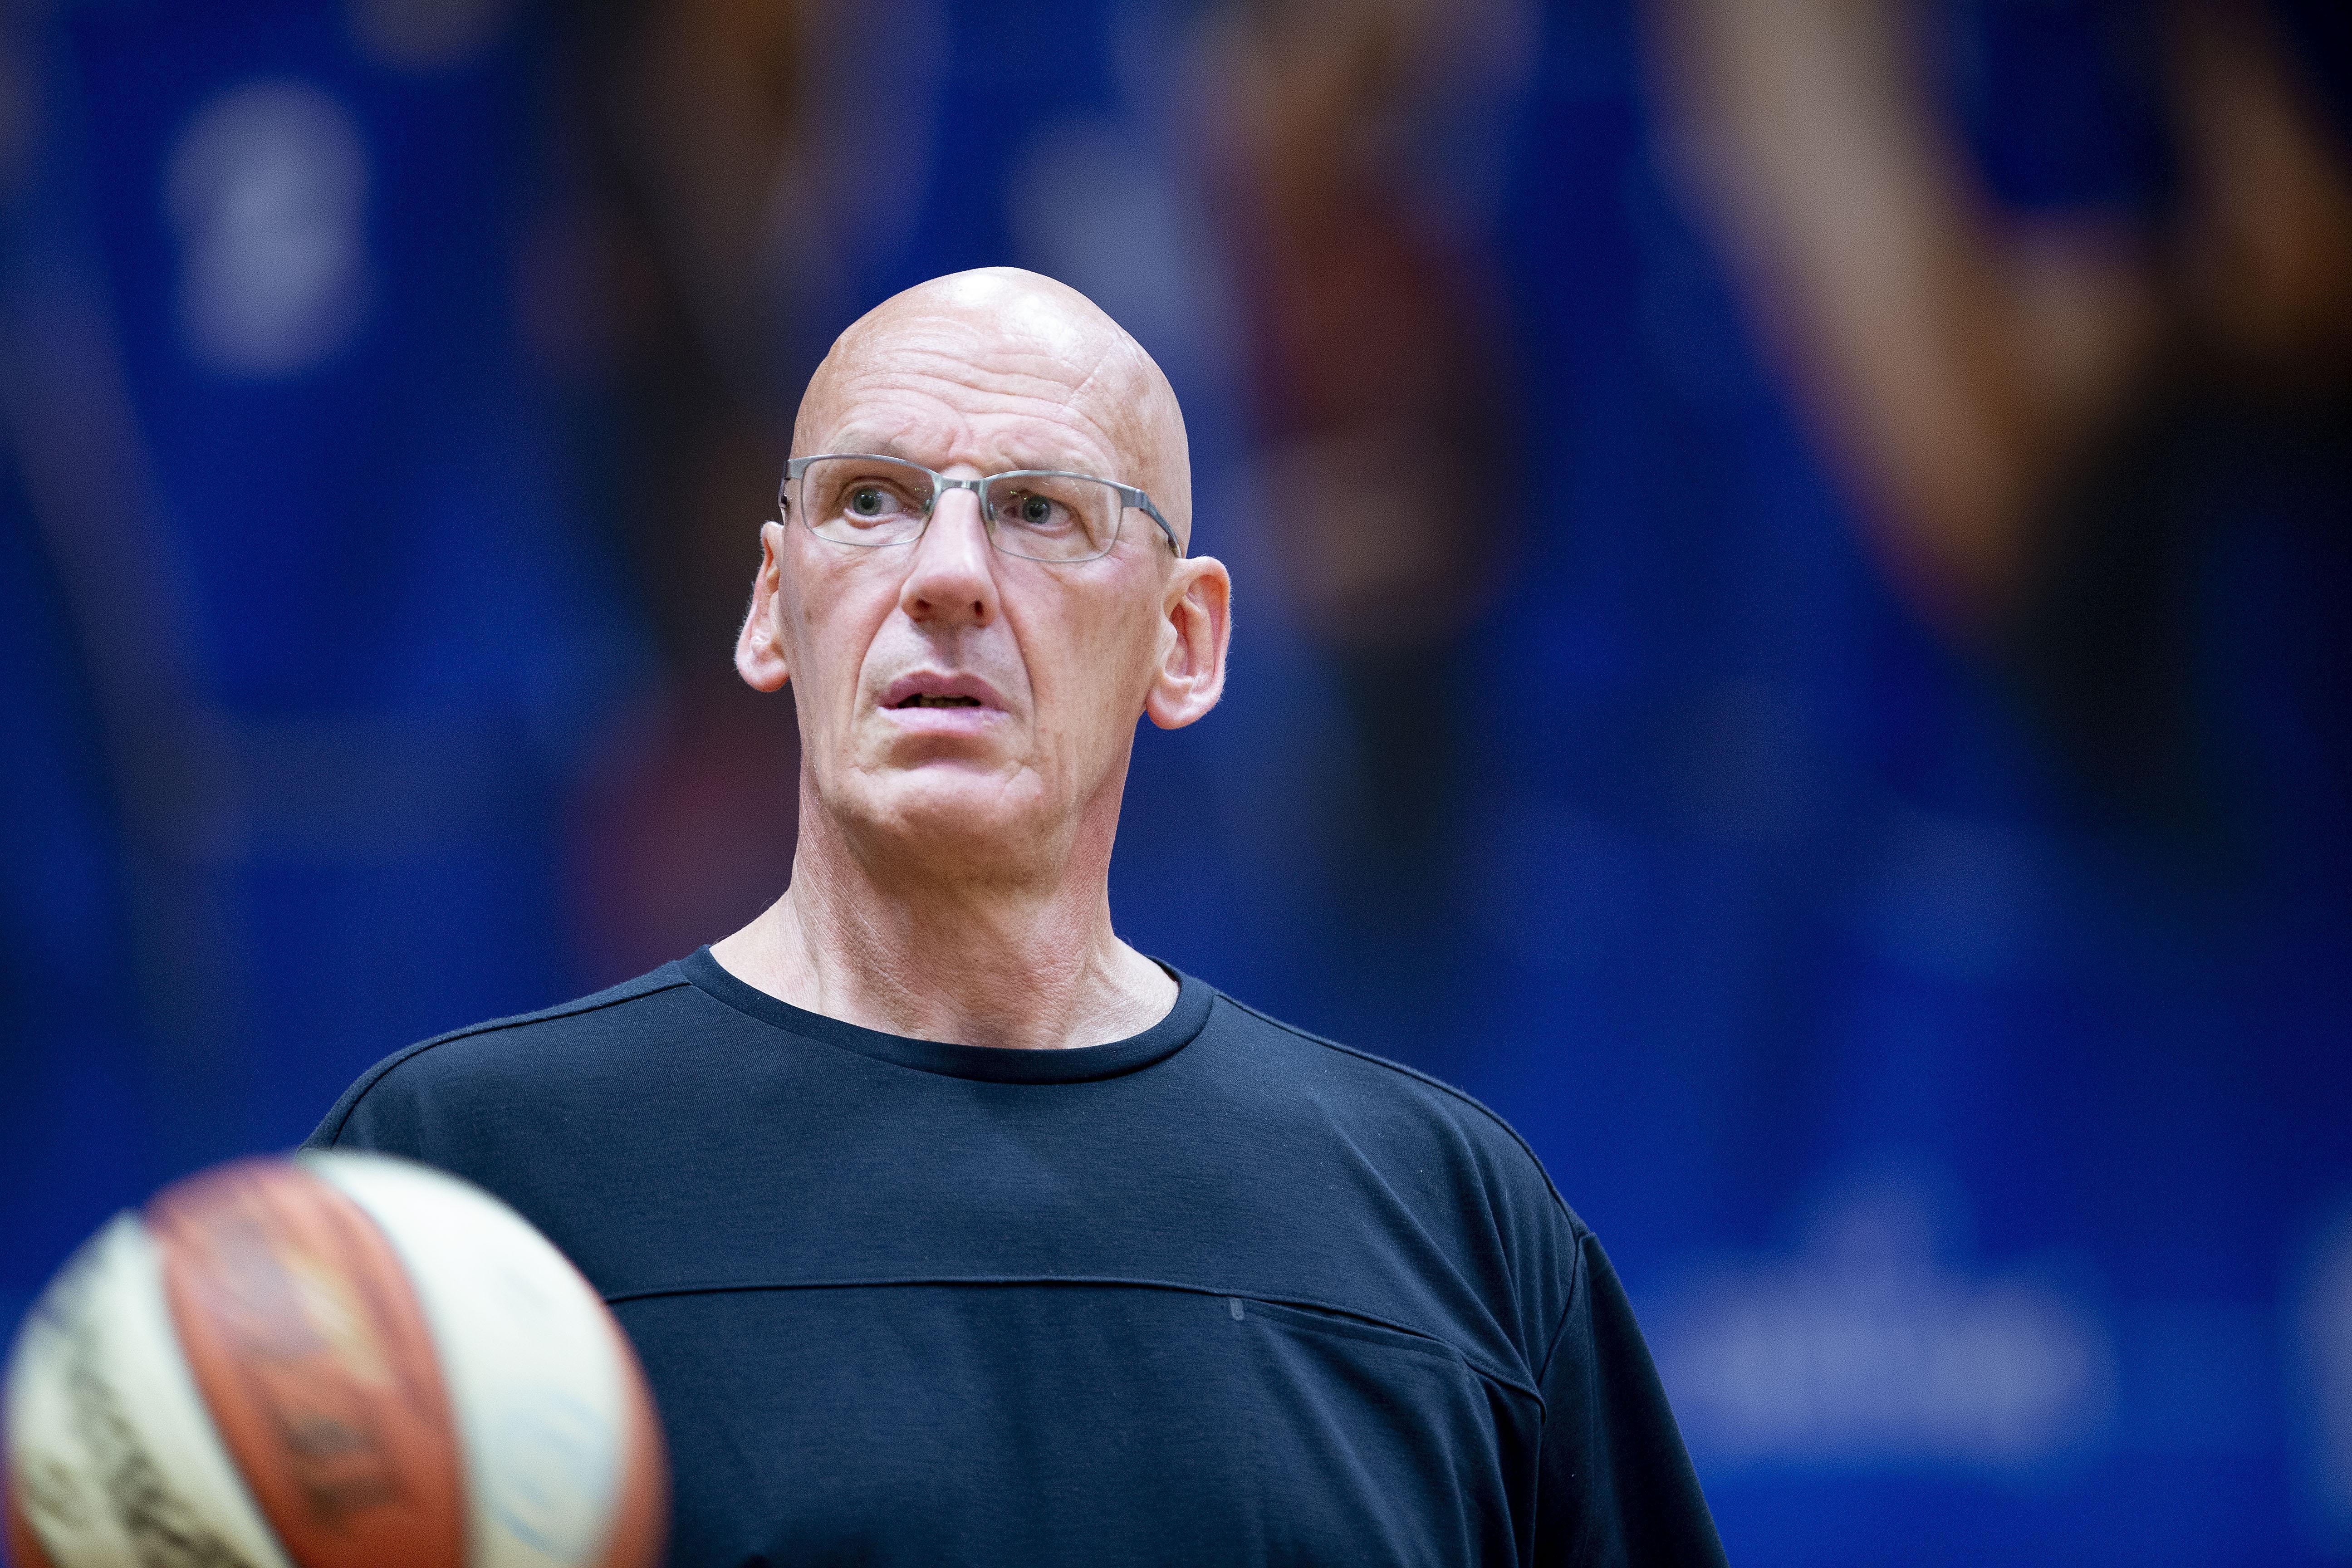 Al voor het seizoen begint, kunnen de basketbalsters van Den Helder in de prijzen vallen - en dat is wennen: 'Geen uitdaging waar je als ploeg op zit te wachten'